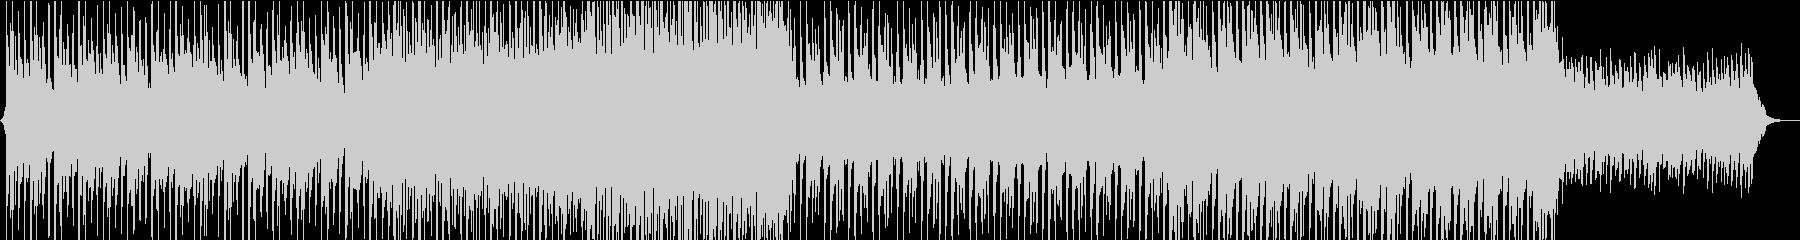 深いバックグラウンドミュージックの未再生の波形